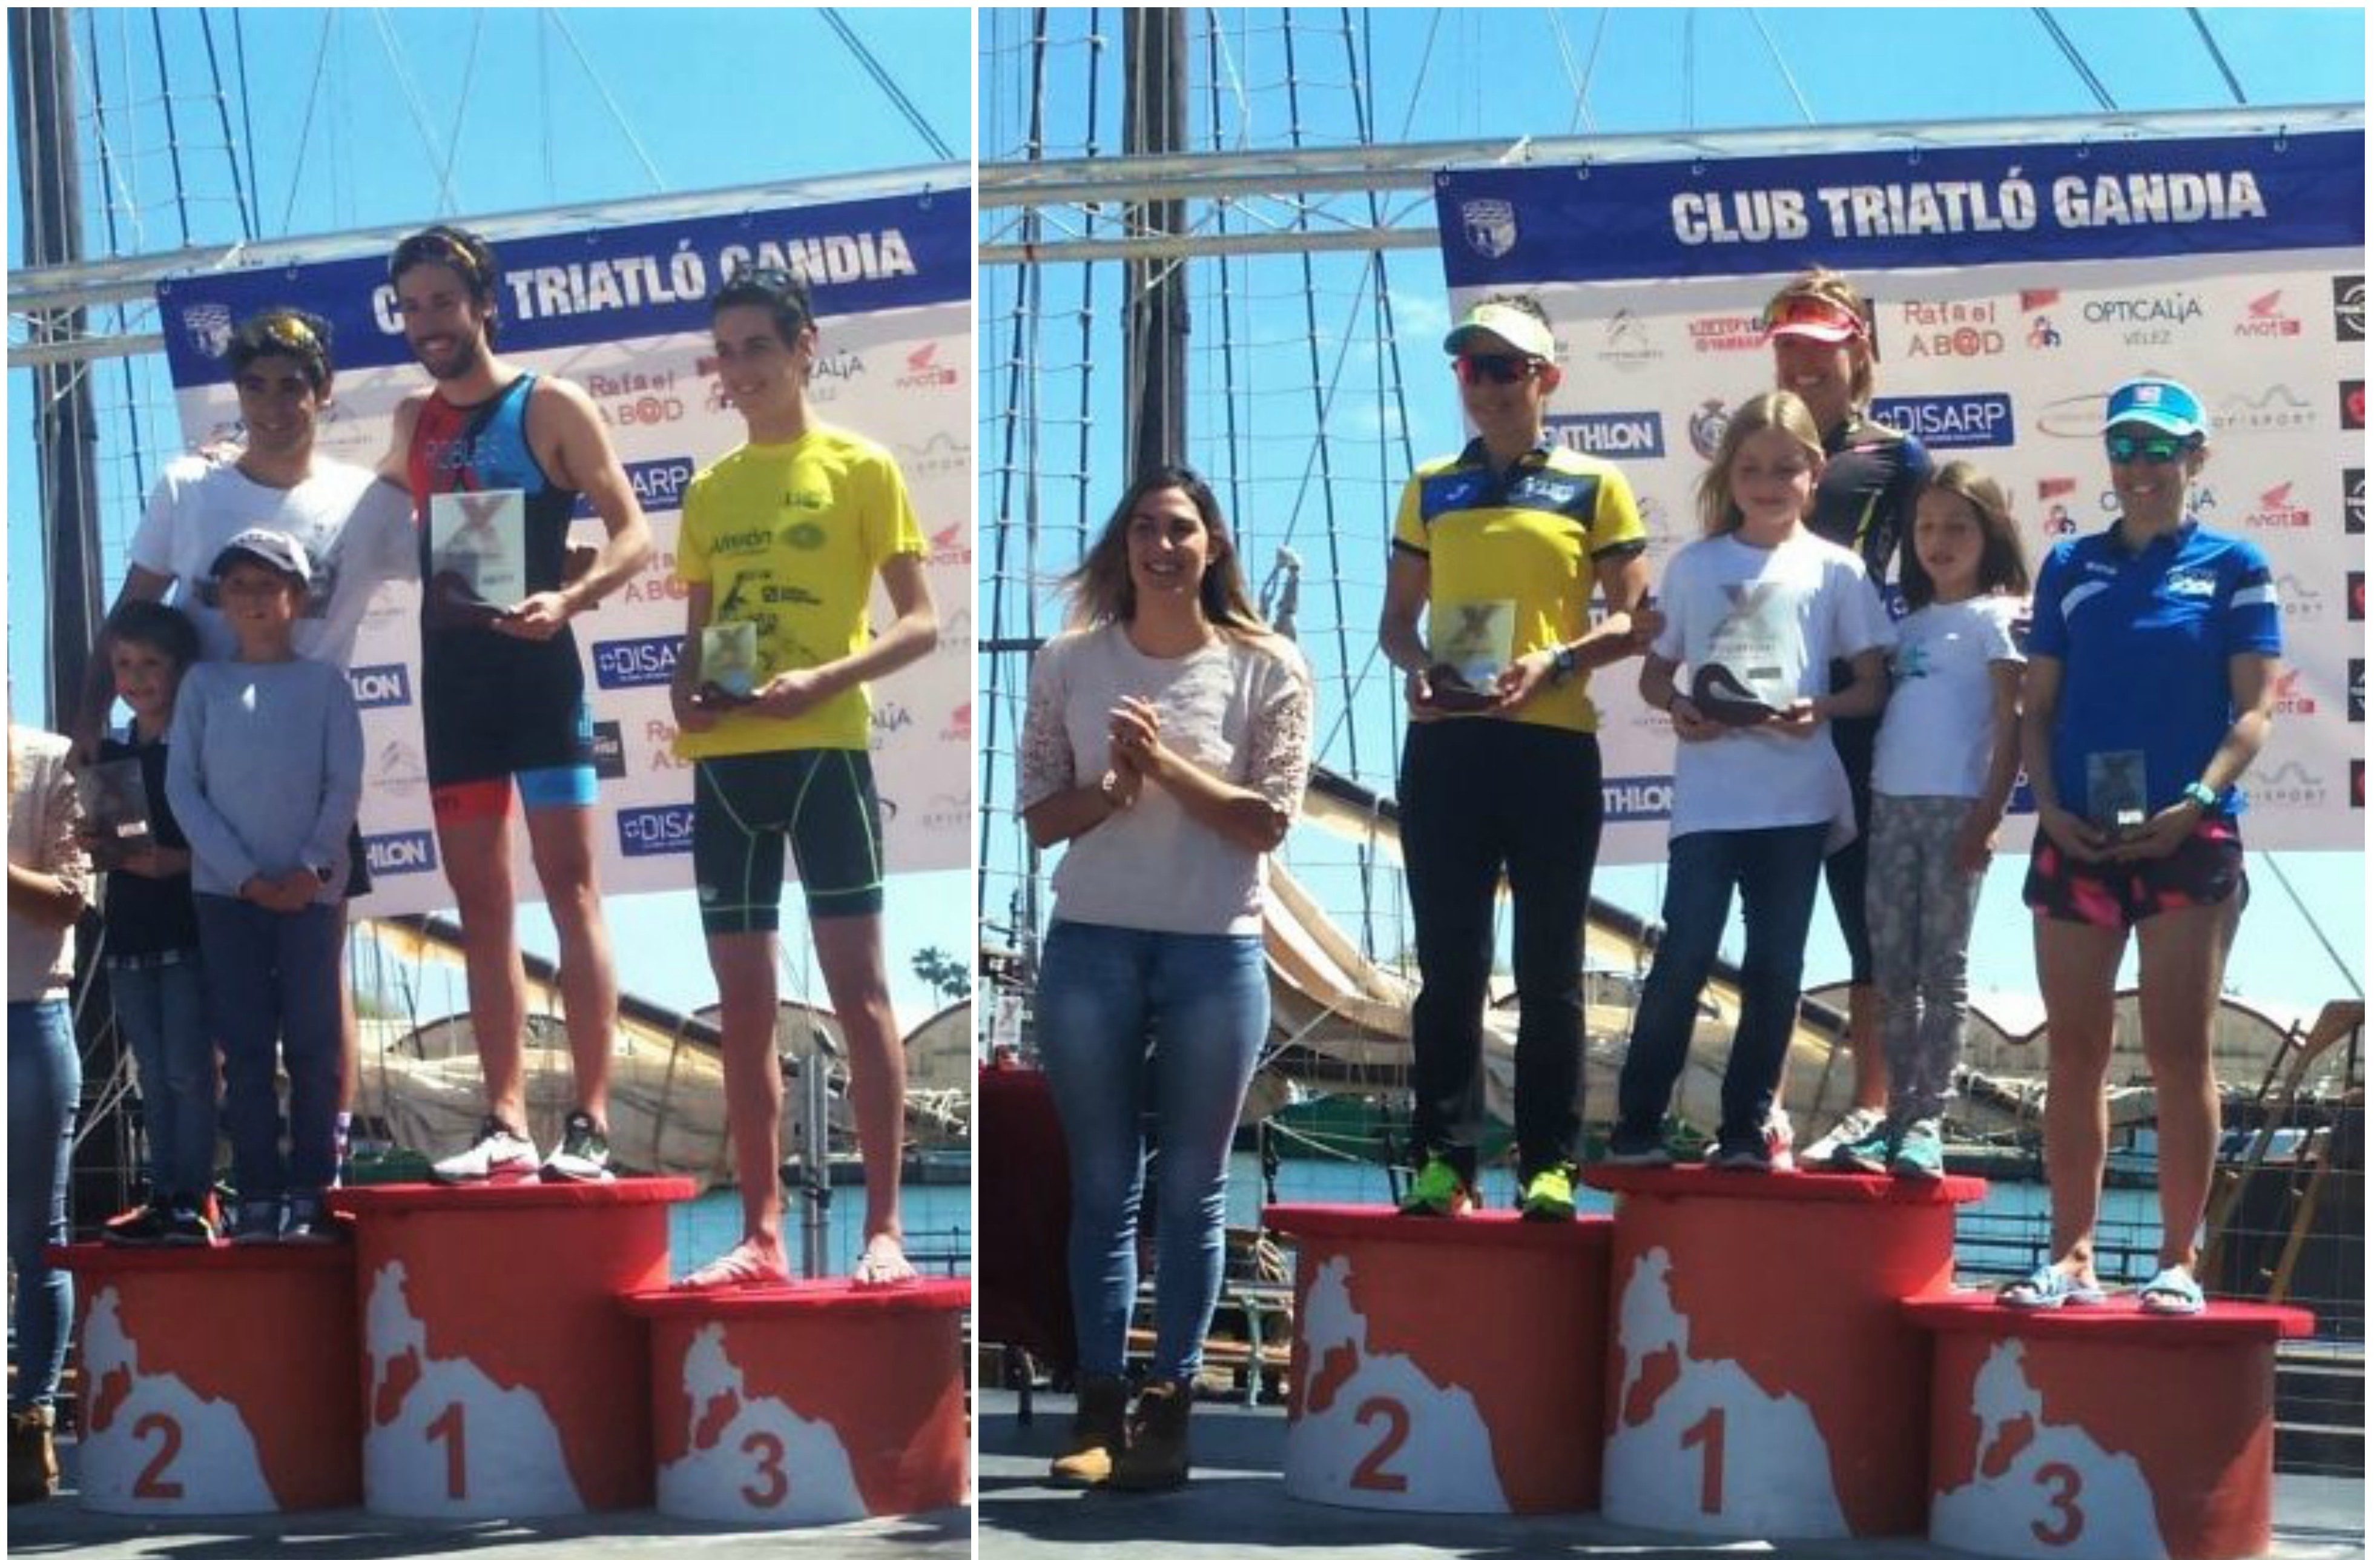 Héctor Pardo (U23), bronze, a l'esquerra. A la dreta Silvia Valero i Sara Molina, primera i segona, respectivament, en la categoria de Veteranes 1, al triatló de diumenge.